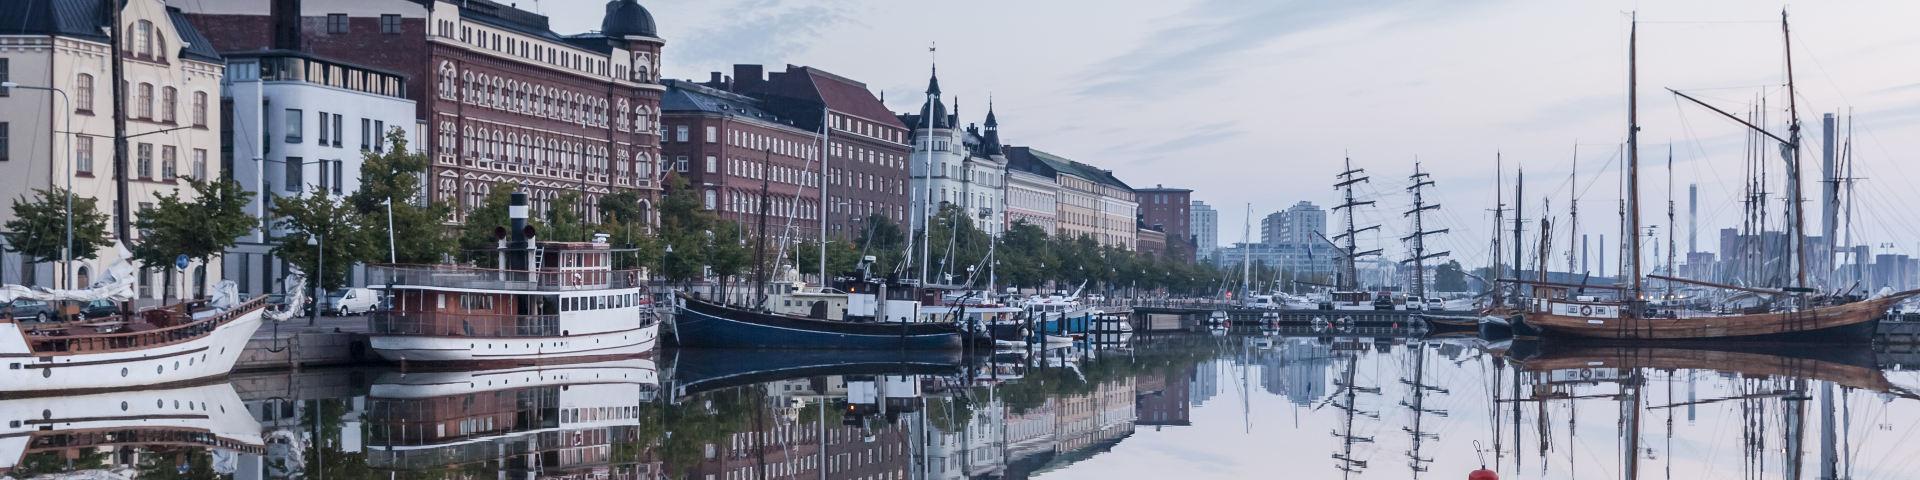 Helsinki  winter